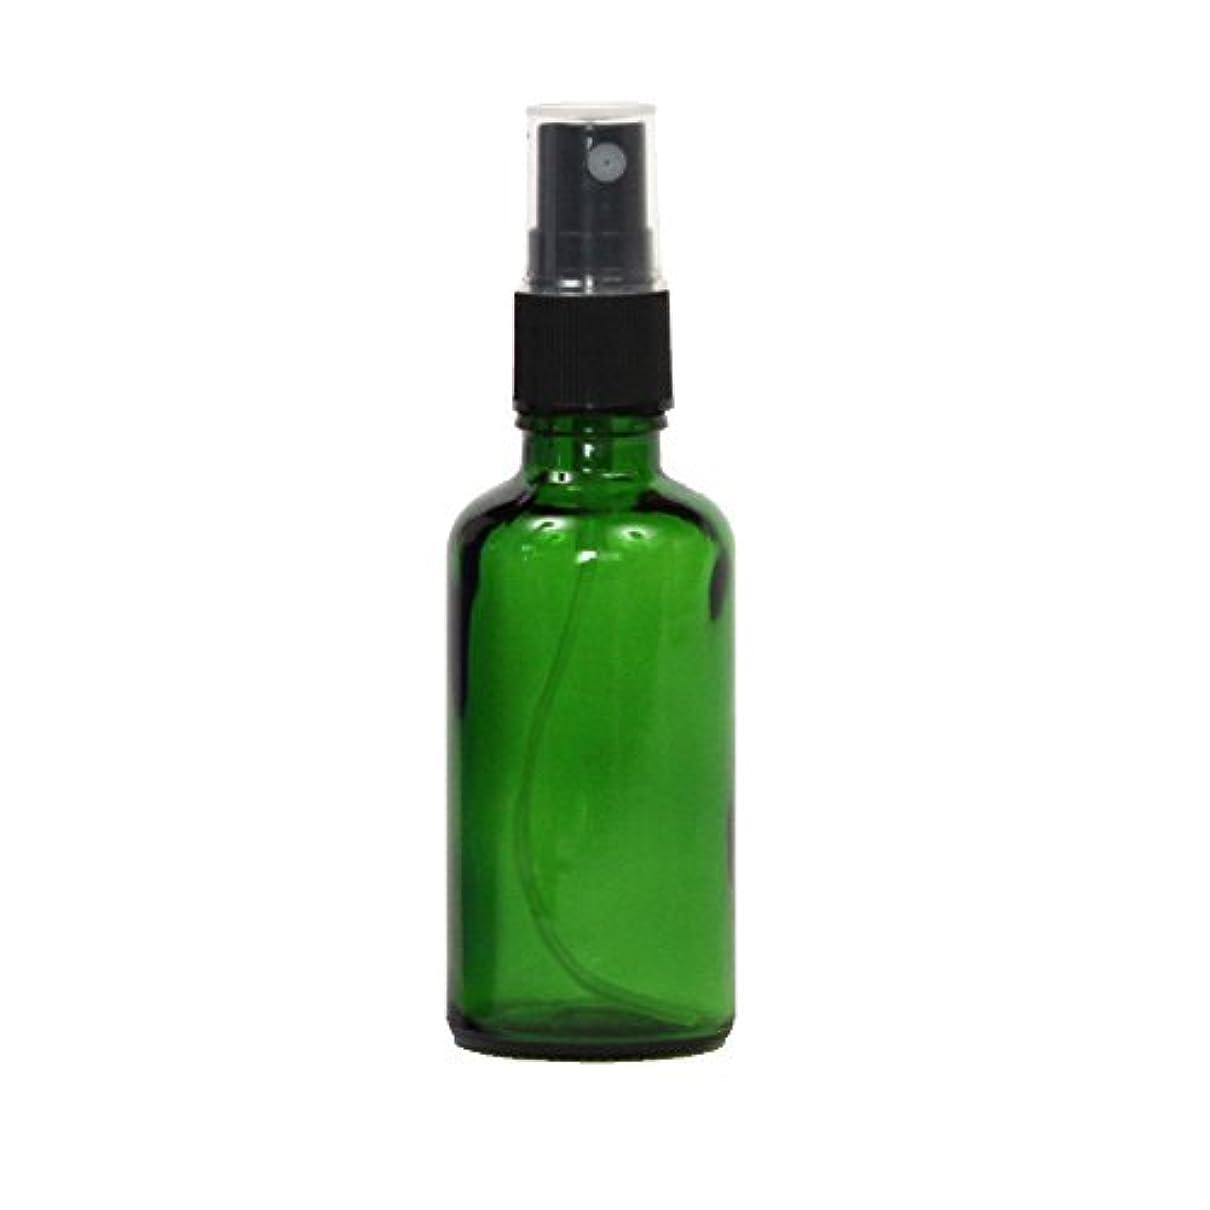 増幅するイルしつけスプレーボトル容器 ガラス瓶 50mL 遮光性グリーン ガラスアトマイザー 空容器gr50g